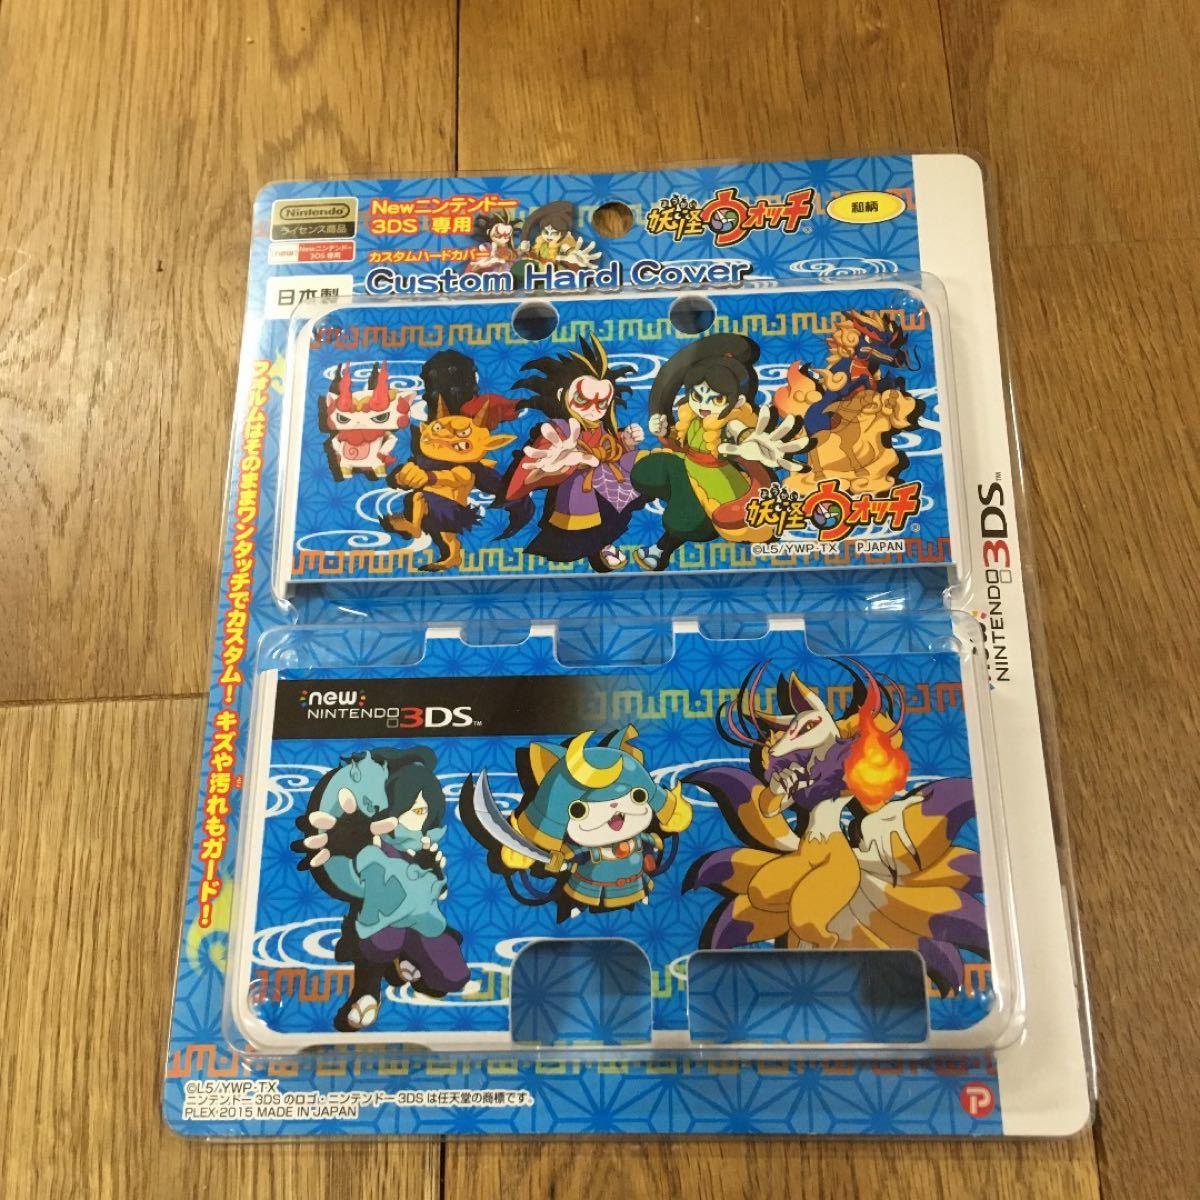 妖怪ウォッチ ニンテンドー3DS Newニンテンドー3DS カスタムハードカバー 新品